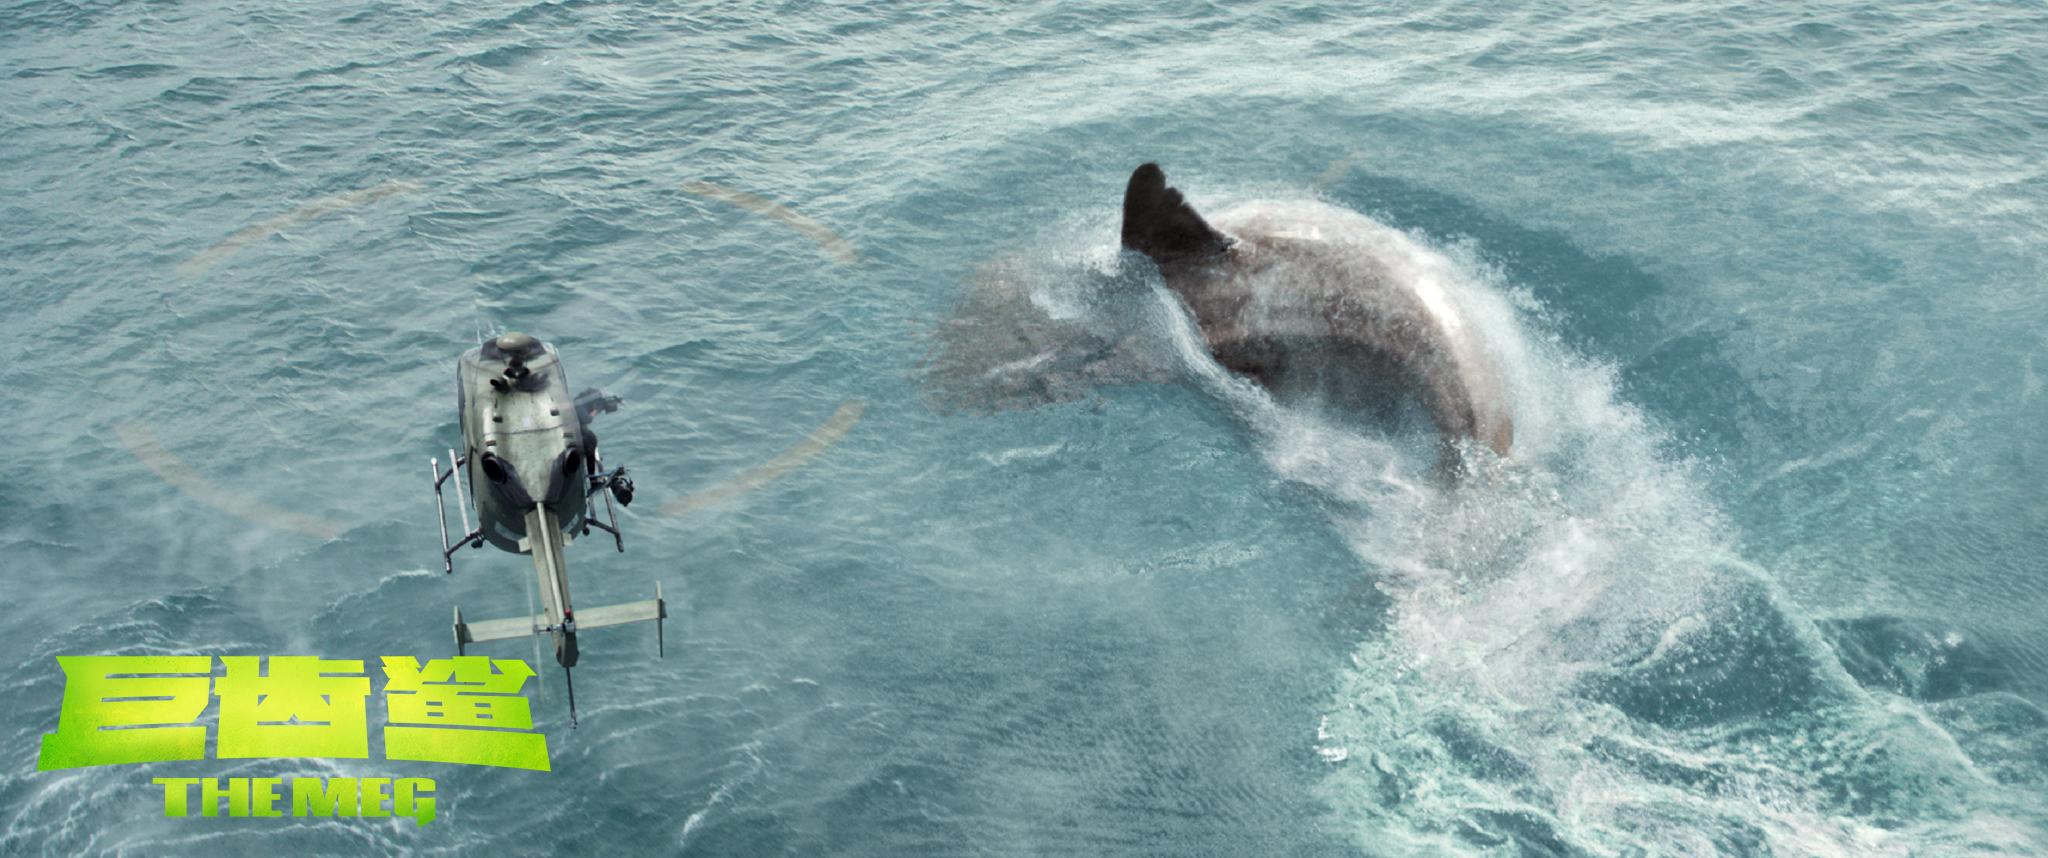 鲨鱼又来了!CMC Inc.华人文化最强合拍片《巨齿鲨》本周末重映  之后,一大波新片在路上……